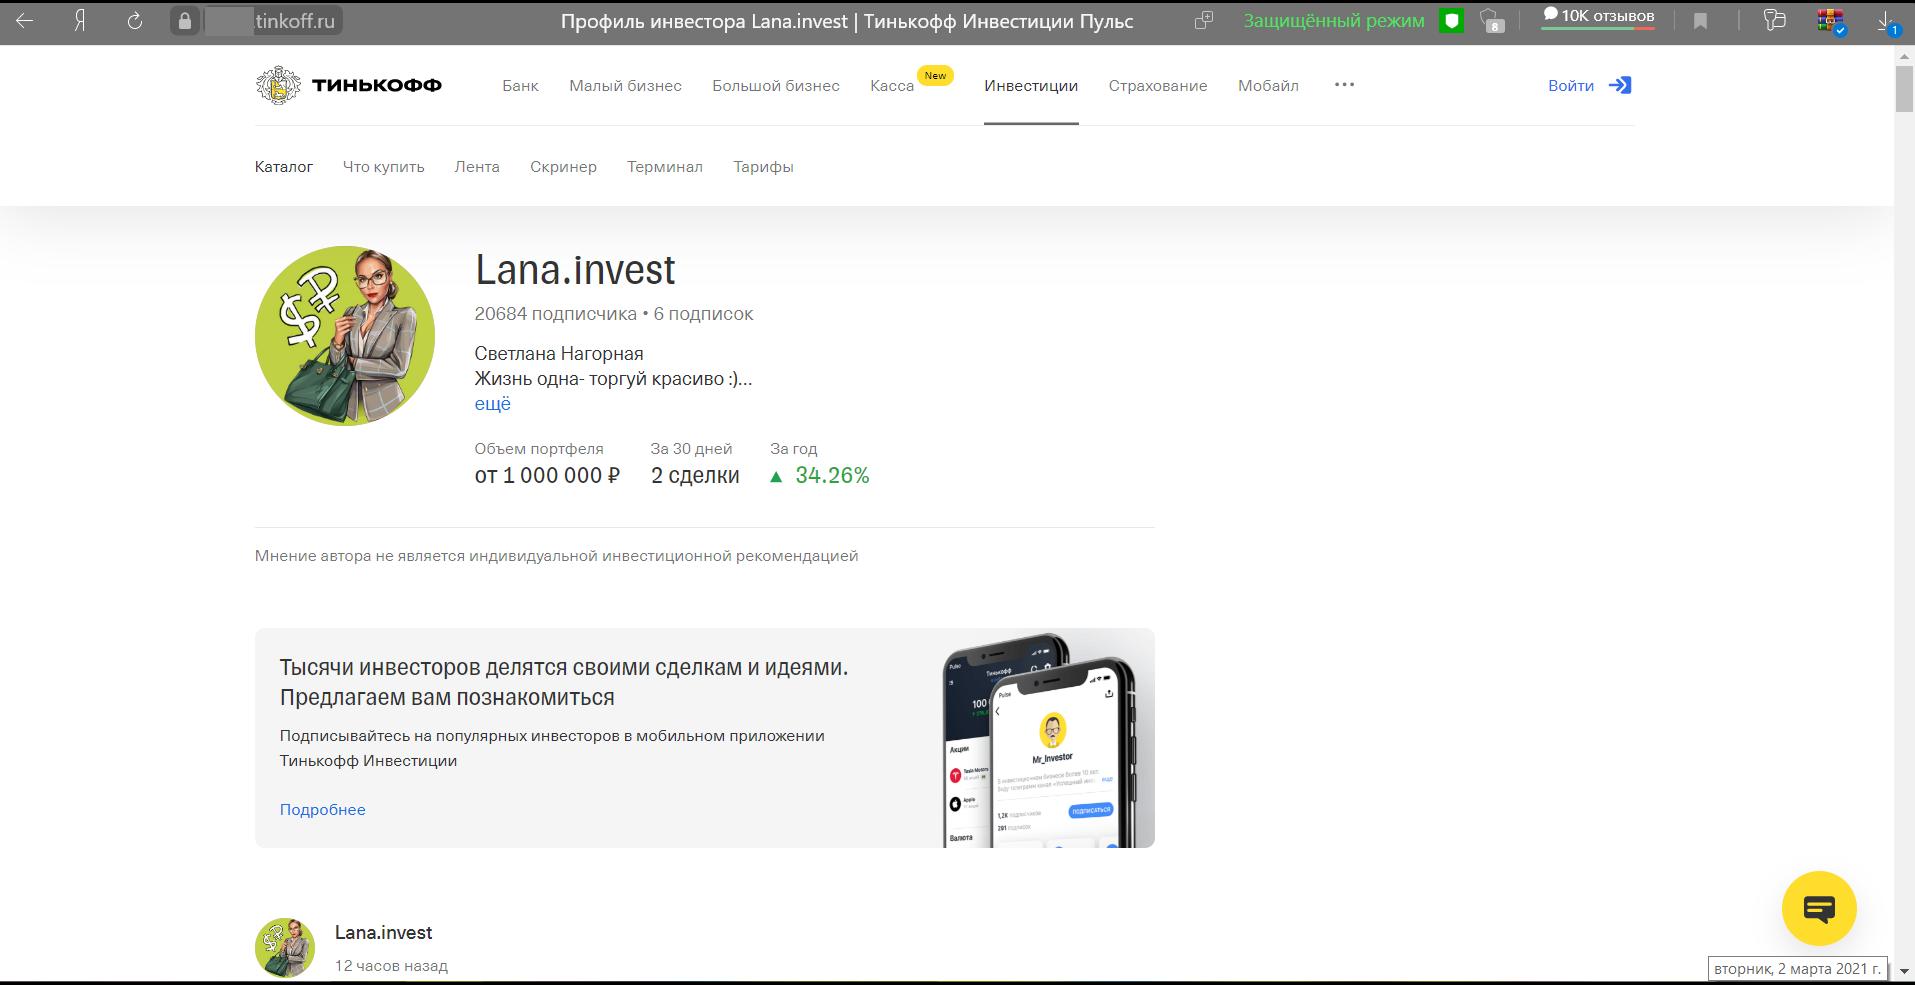 Lana.invest есть на ресурсе «Тинькофф инвестиции пульс»